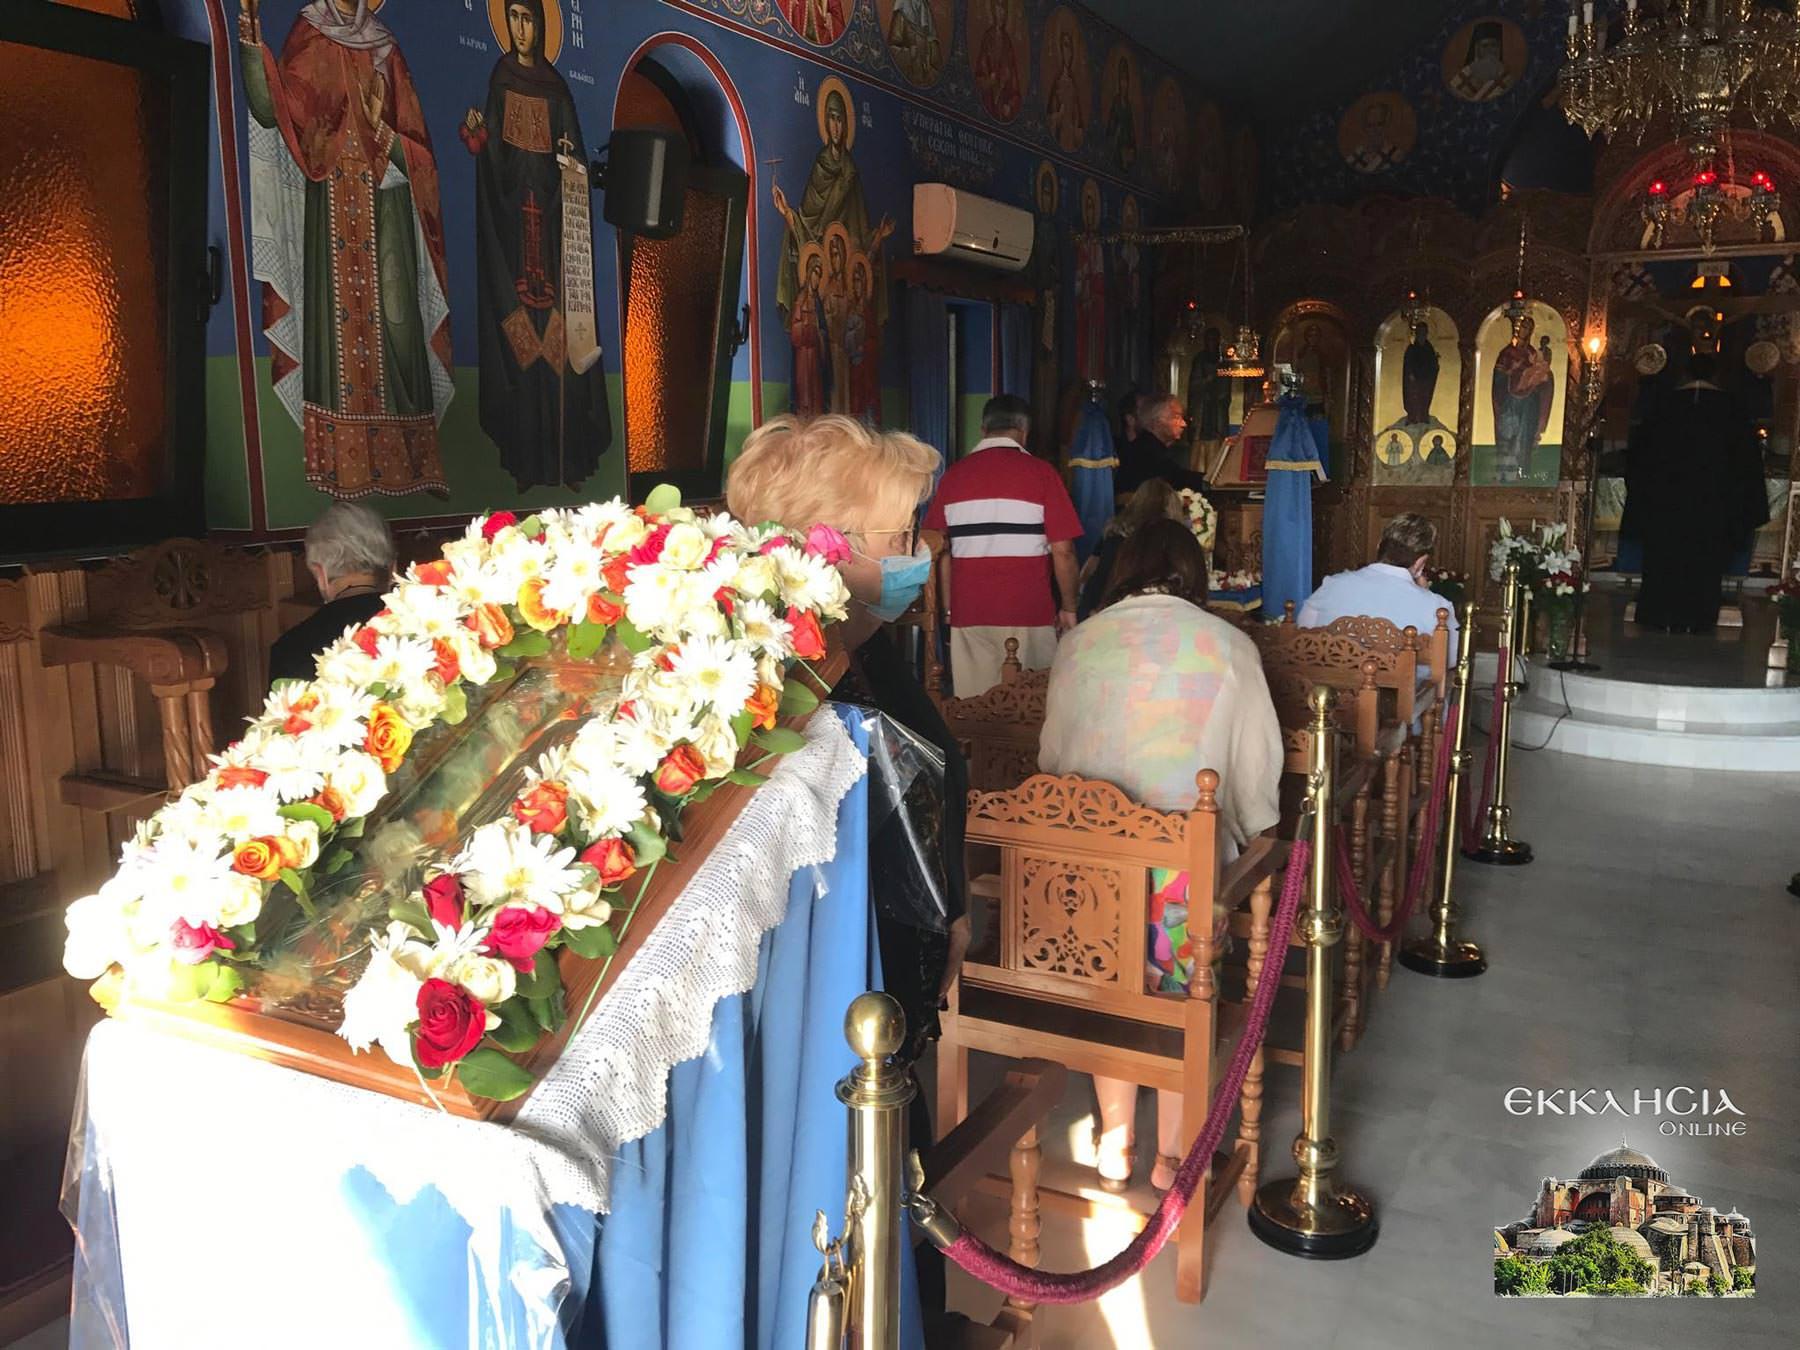 Αγίου Ραφαήλ Νικολάου Ειρήνης Μοναστήρι Άνω Σούλι Εσπερινός 2020